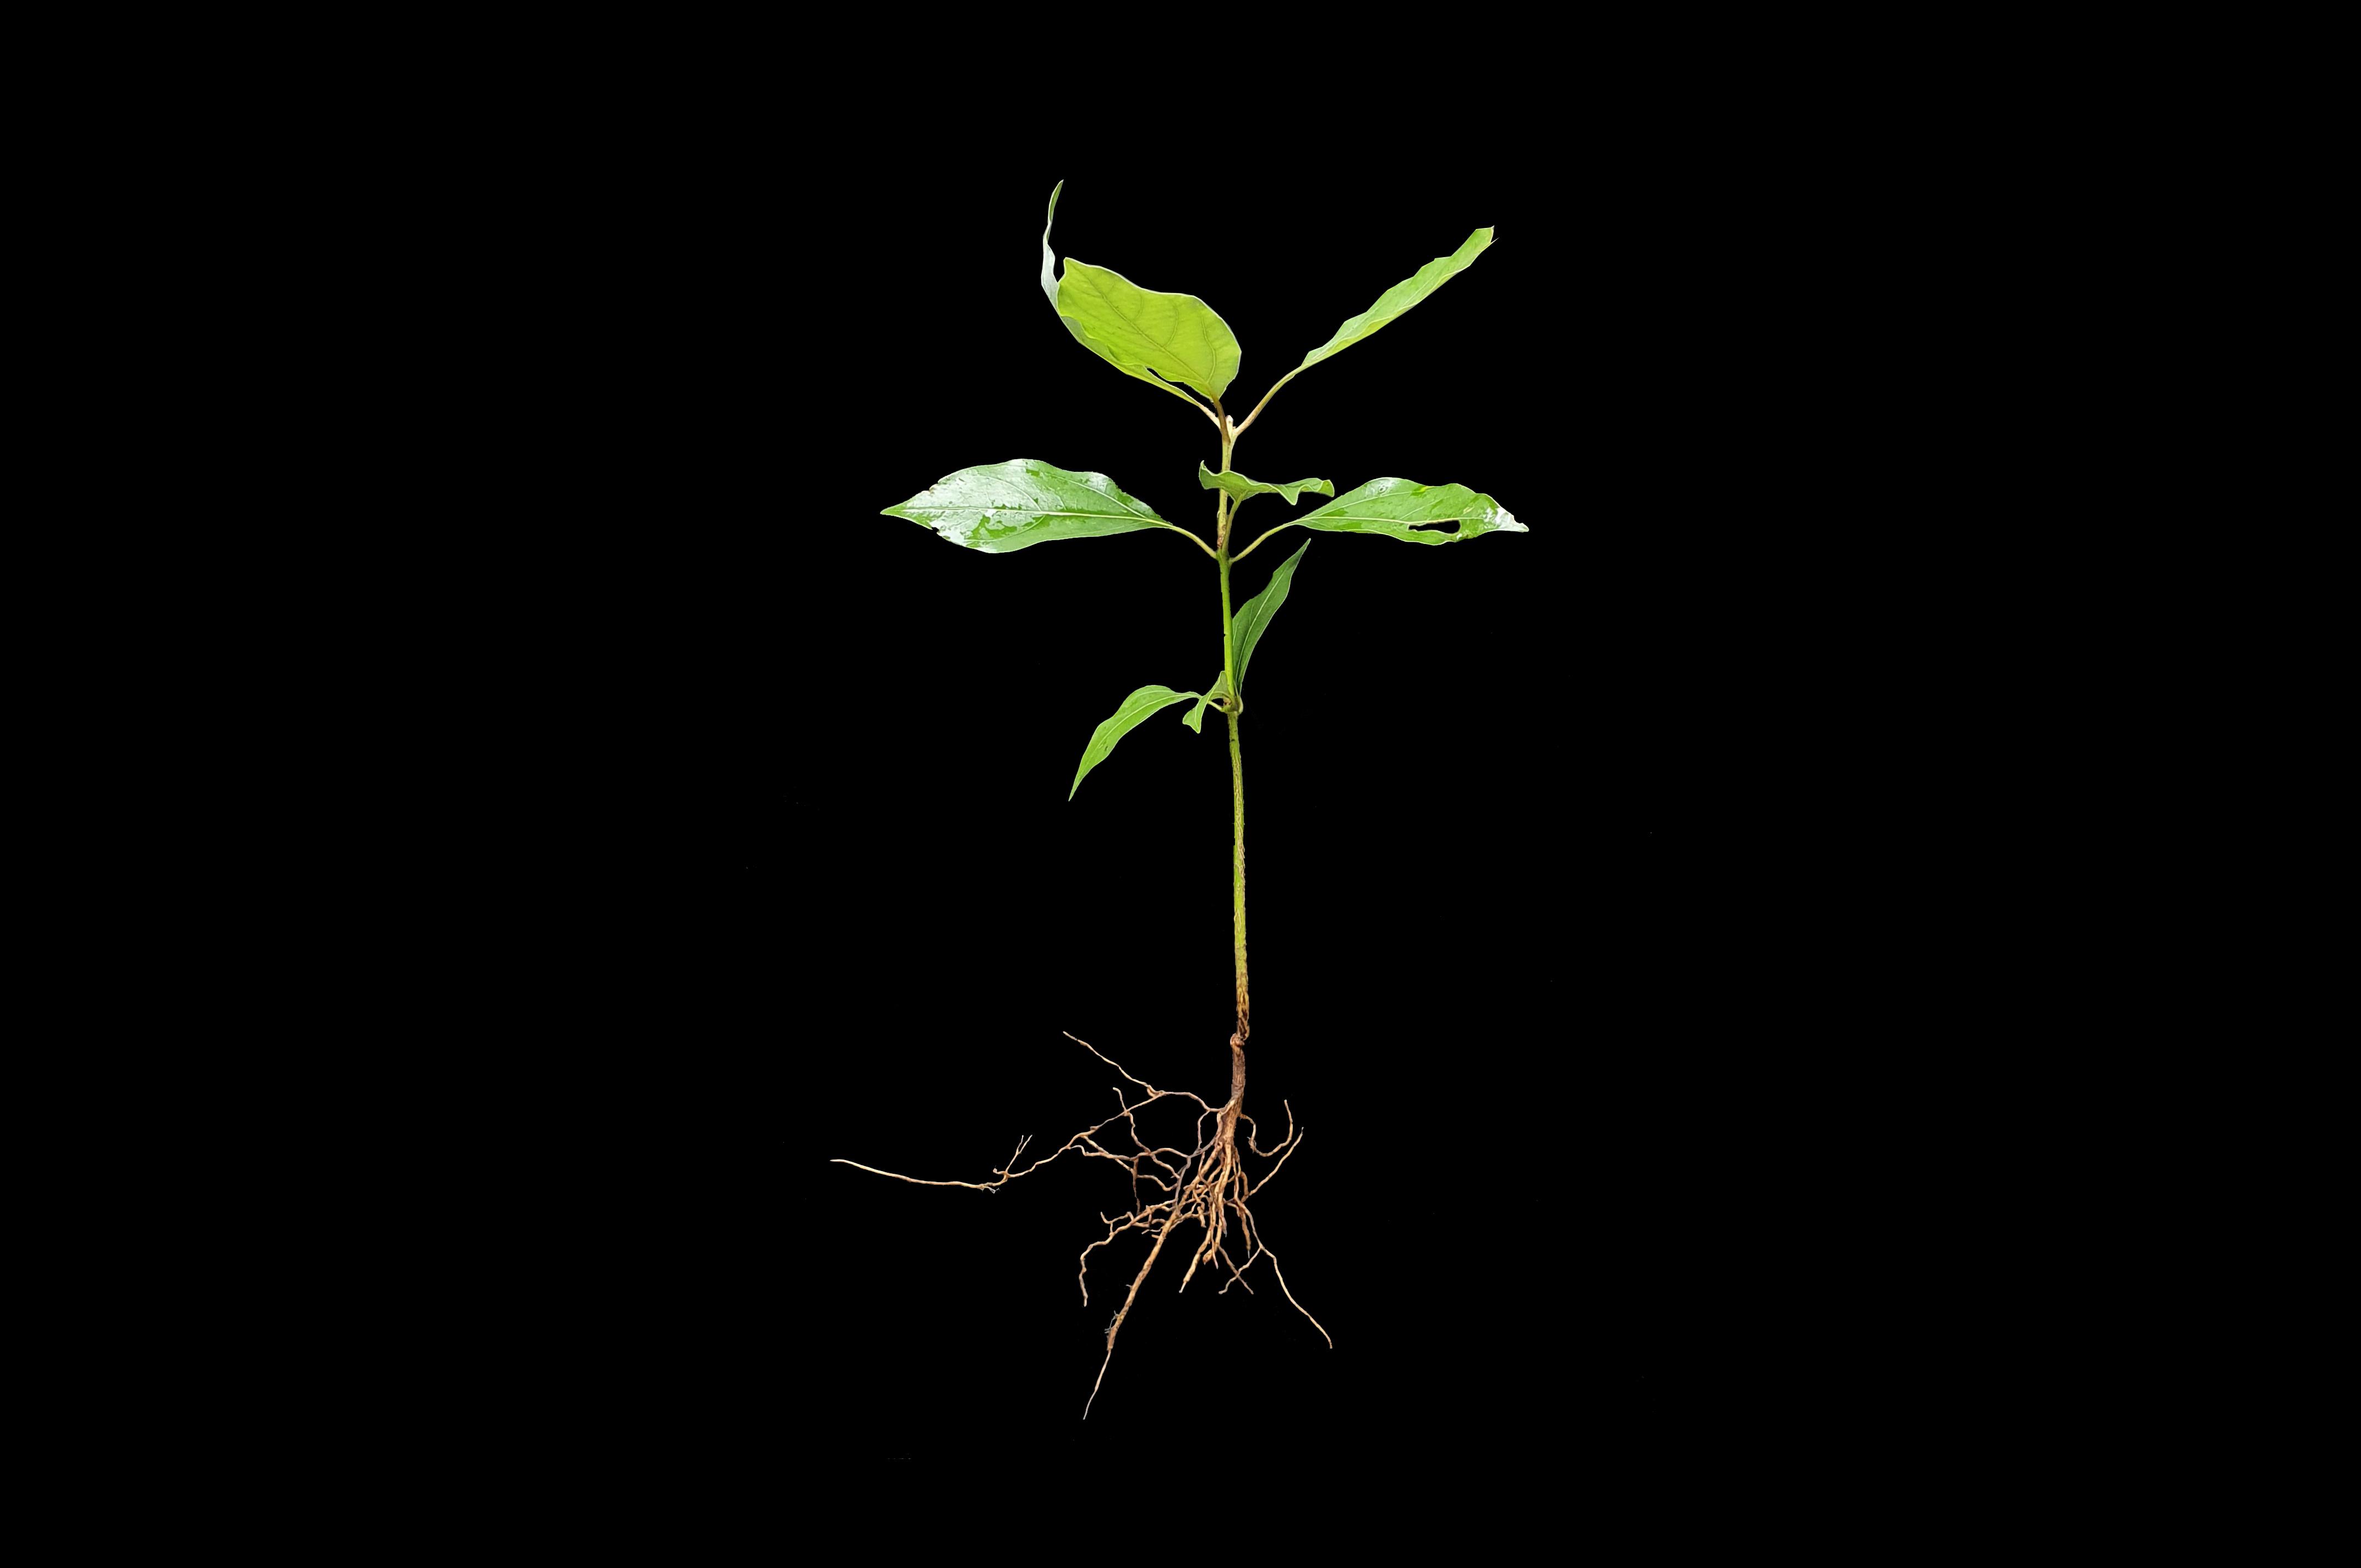 참식나무20210814-3.jpg